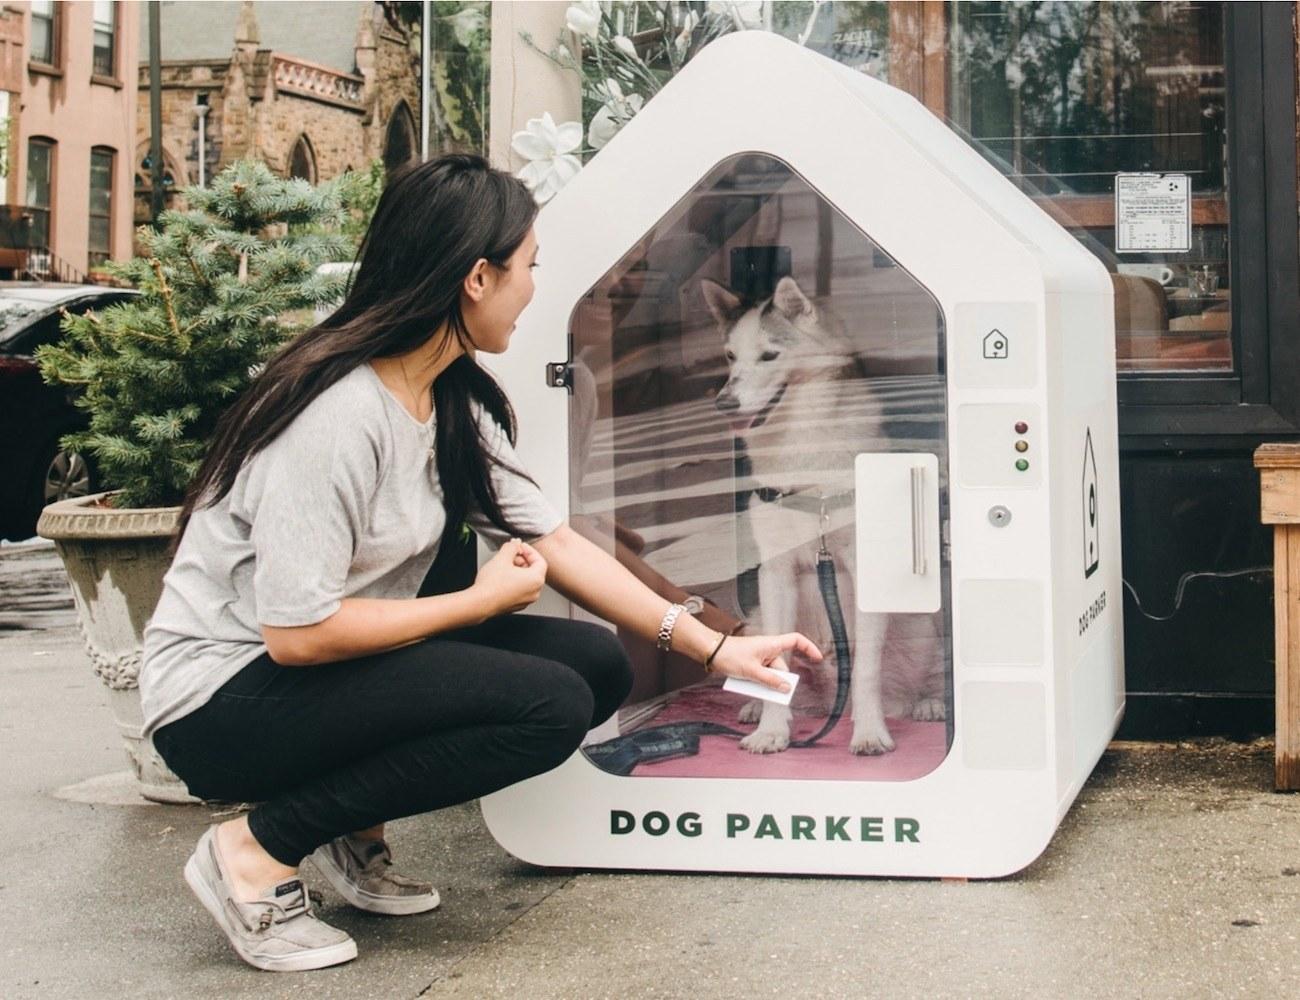 Dog Parker – Smart Dog Houses